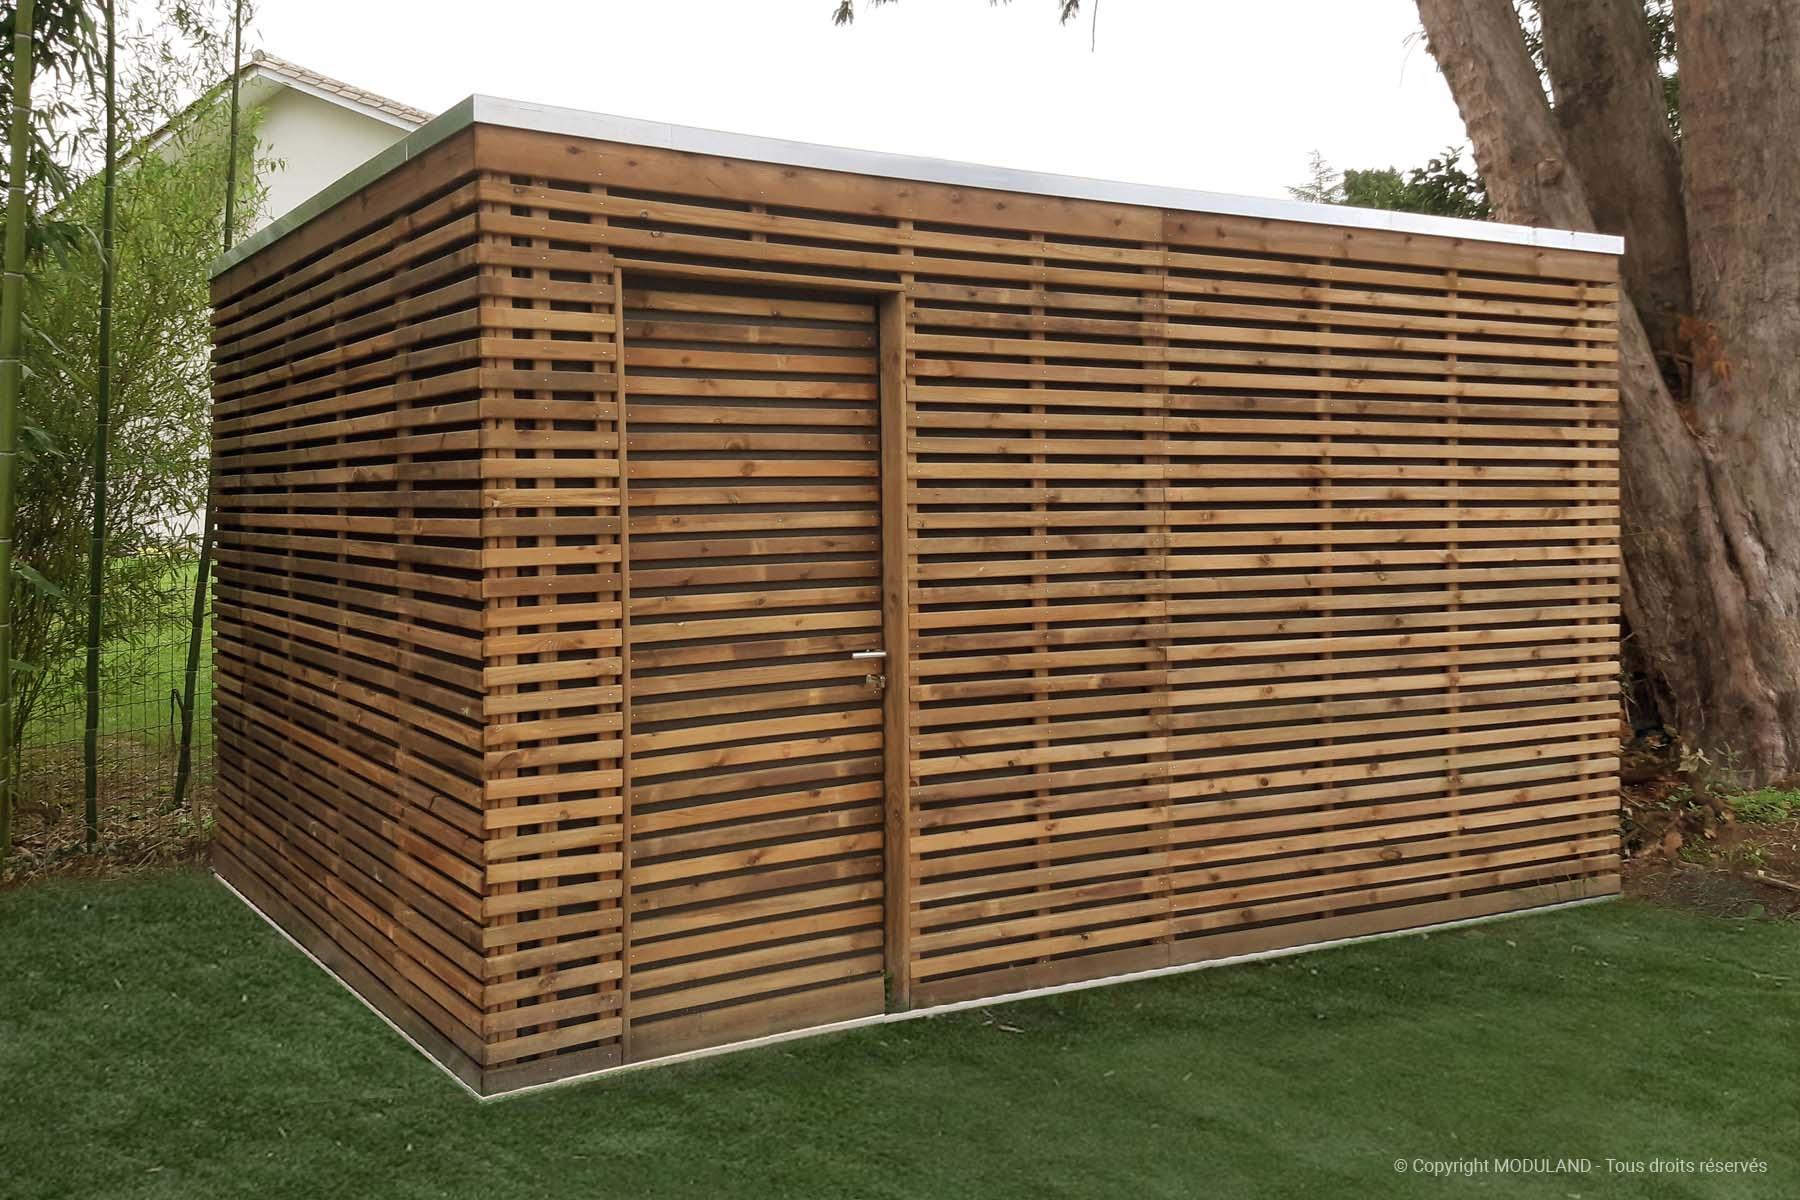 Fabricant D'abris Et Structures Bois Sur Mesure | Moduland avec Abri De Jardin Bois Sur Mesure